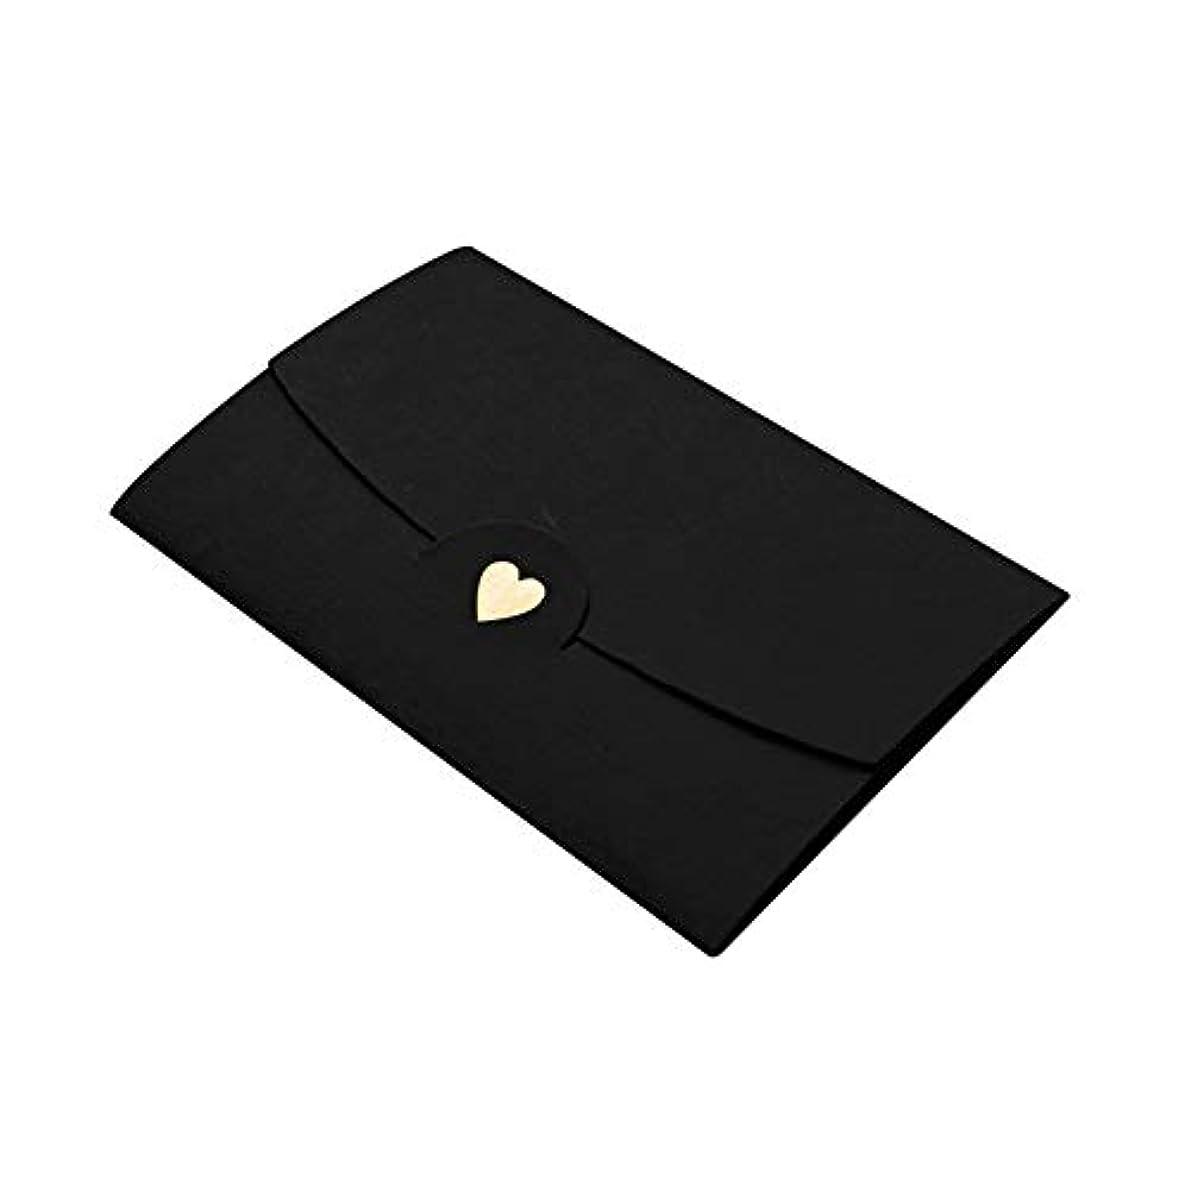 一人で代表して平方Zachao0 封筒 20枚 クラフトミニポケットギフトカード ビジネス DIY 愛情 ハート ウェディング オフィス ノート ペーパー クラシカル多機能 (パールワインレッド) free size 15670922648444